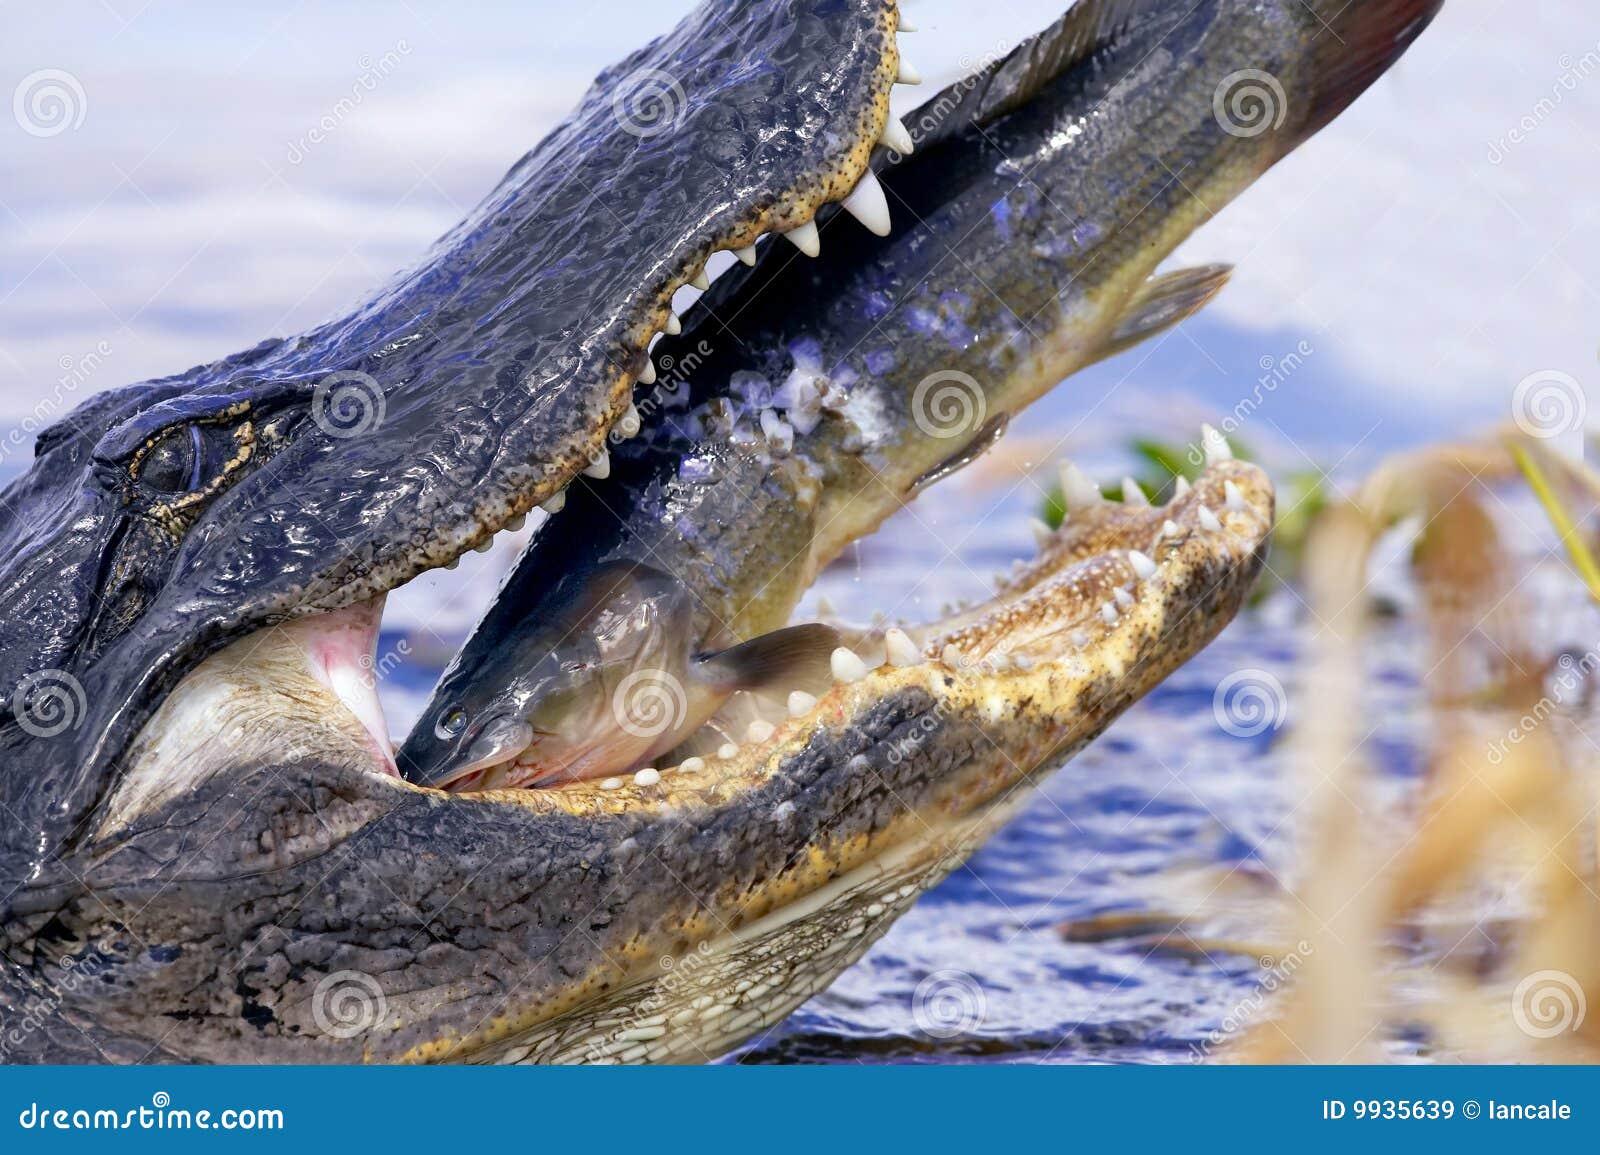 Coccodrillo Selvaggio Che Mangia Pesce Gatto Immagine Stock